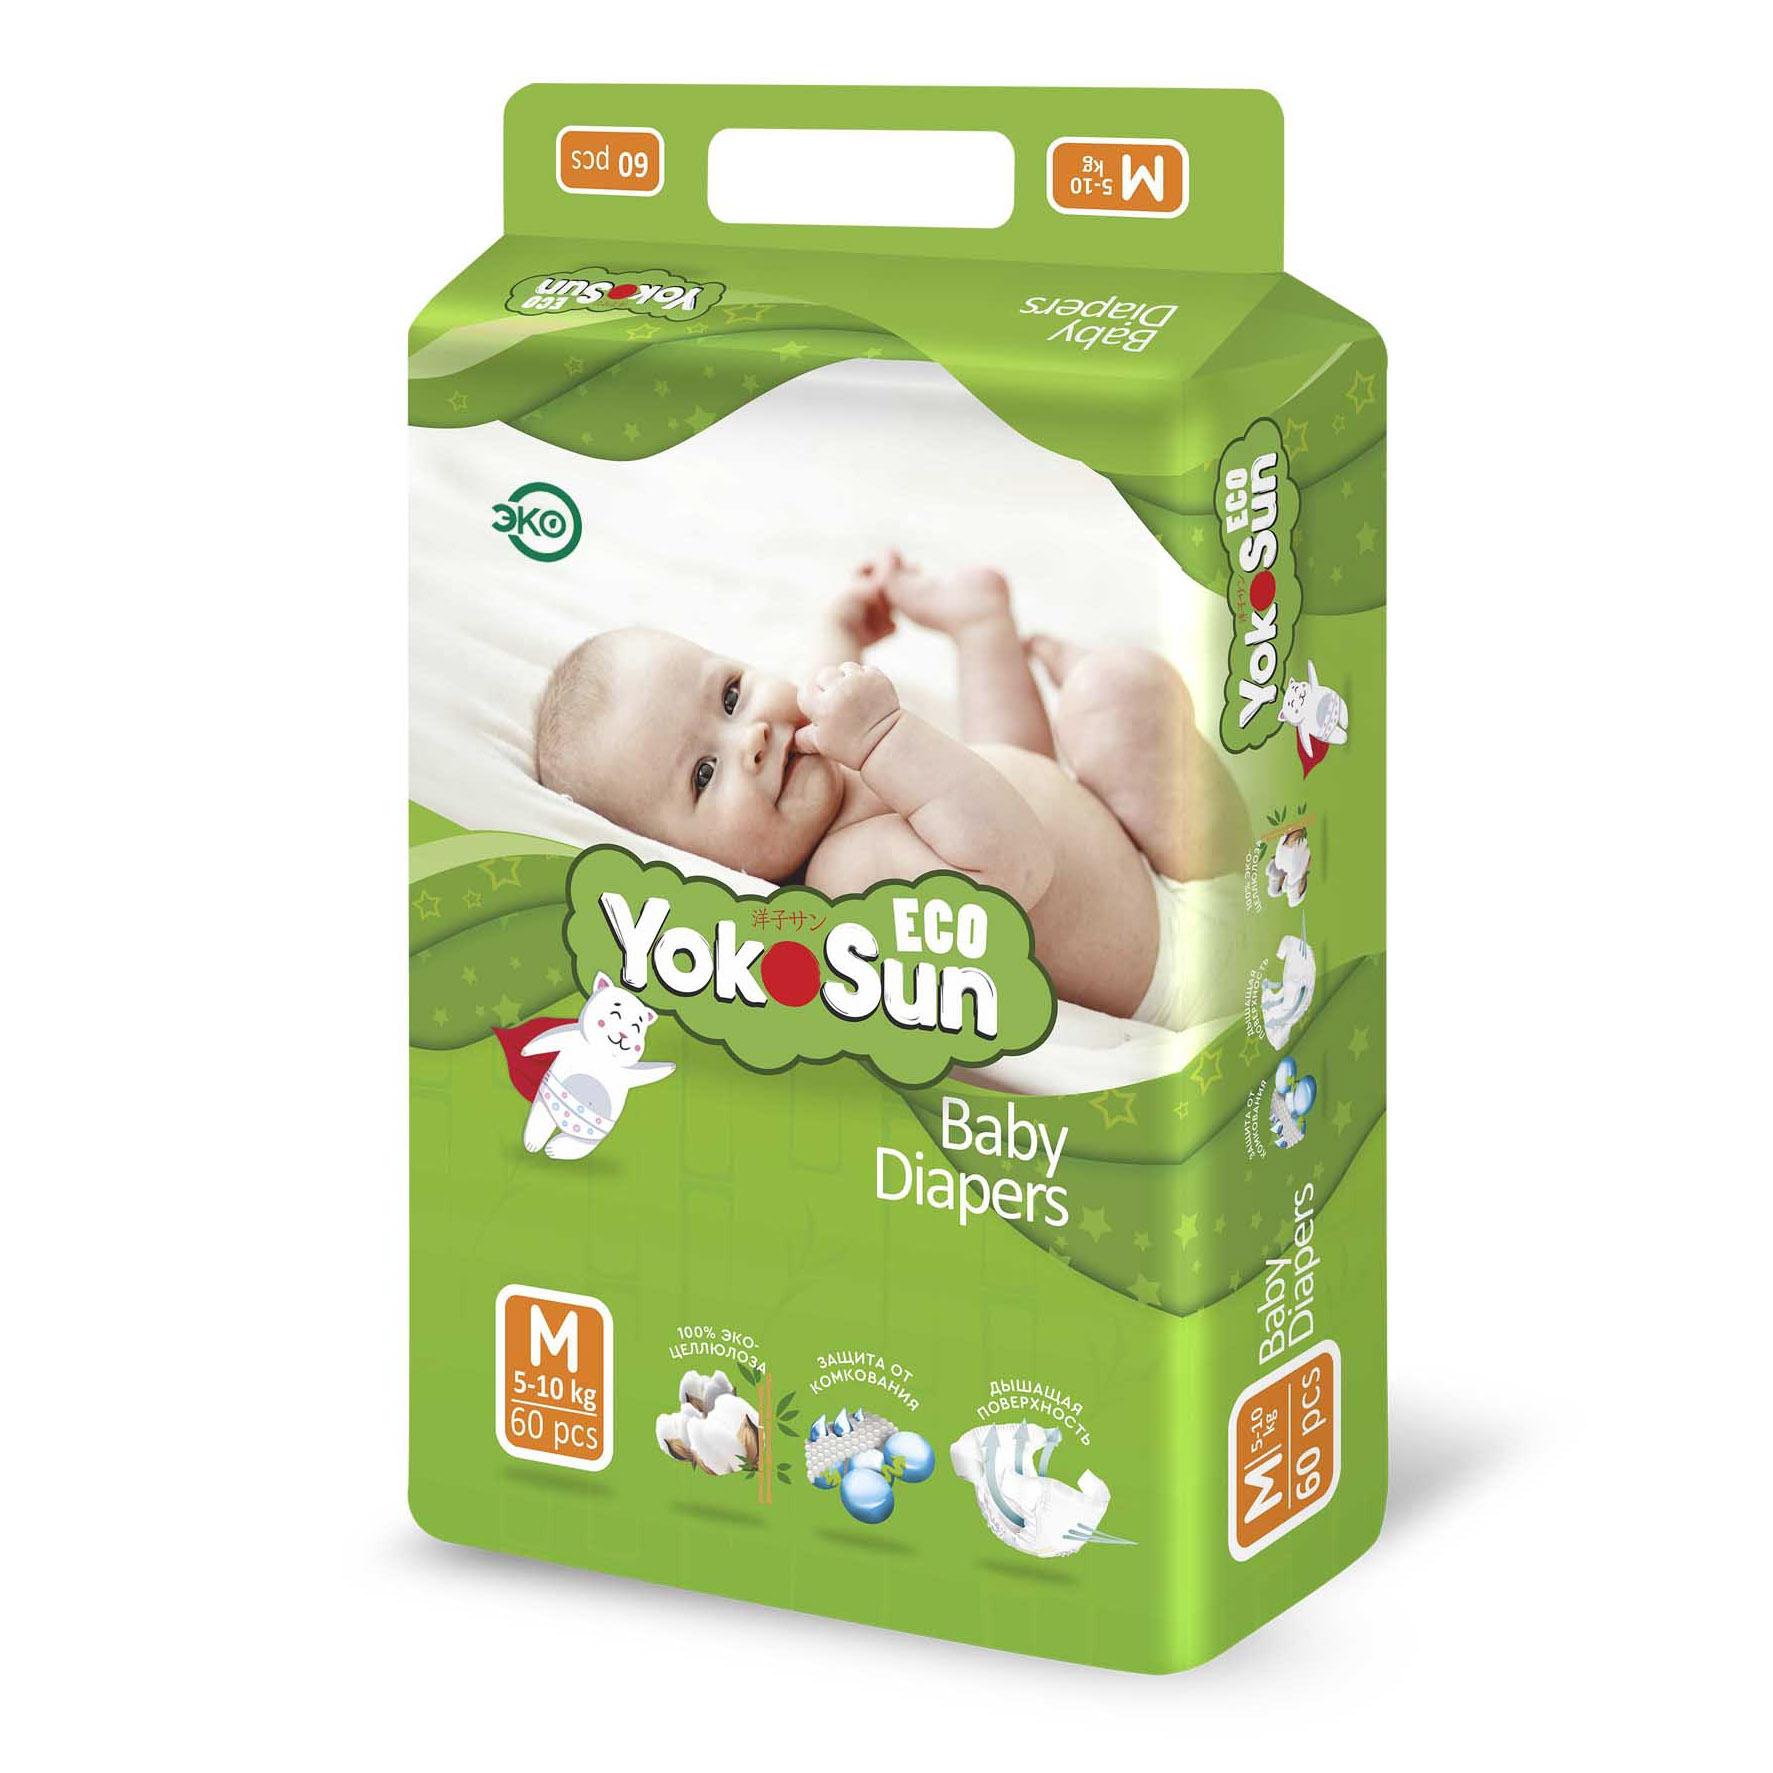 Купить Подгузники YokoSun Eco М (5-10 кг) 60 шт, белый, M, абсорбирующие полимеры, нетканый материал, полиэстер, целлюлоза, Для детей,